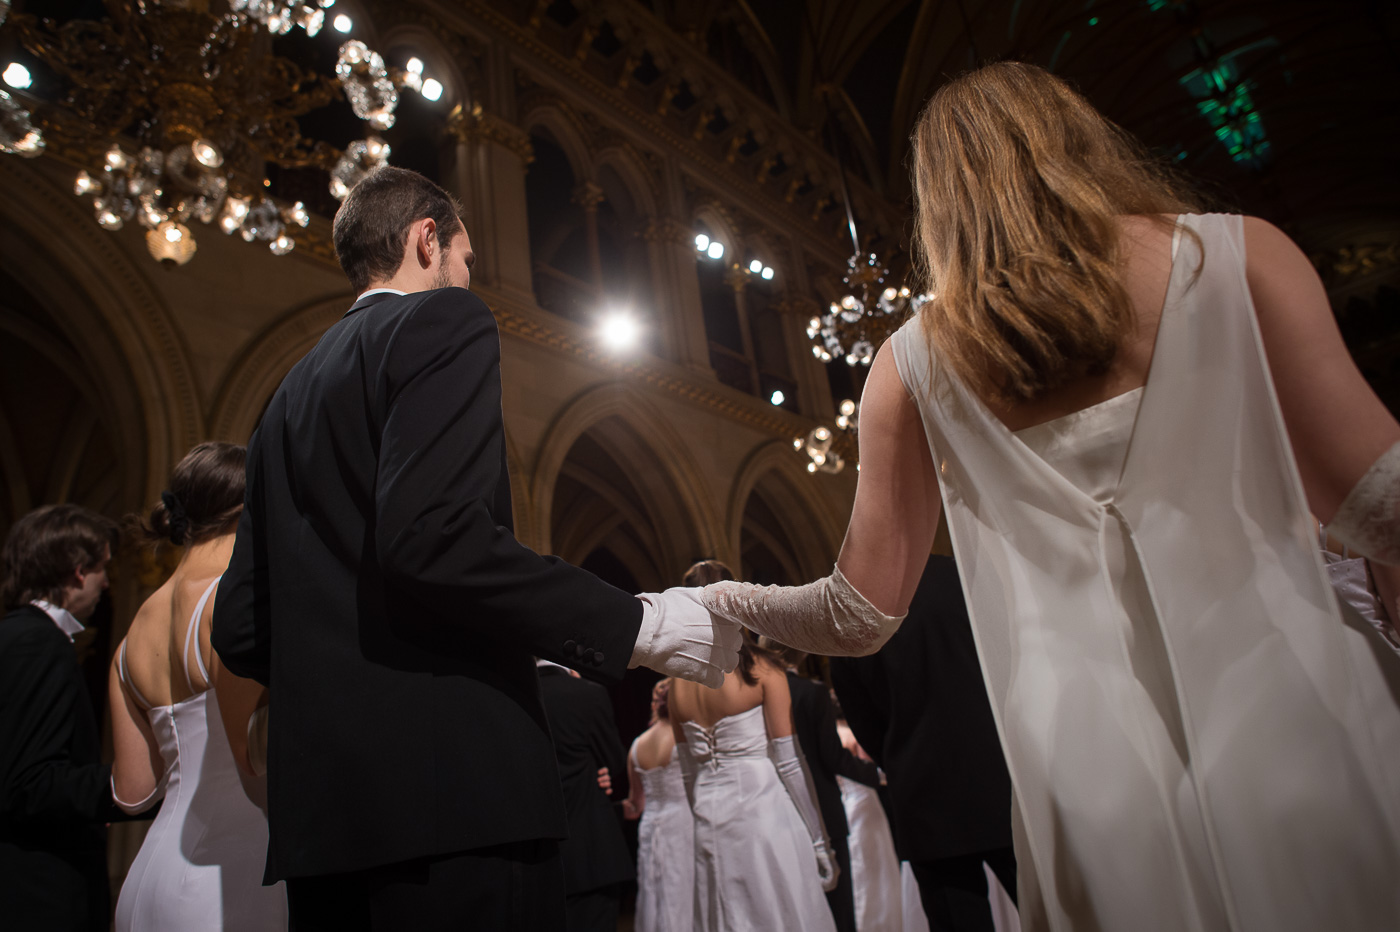 Ball der Wissenschaften, Vorbereitungenm, Tanzen, Catering, Credit: David Bohmann - PID